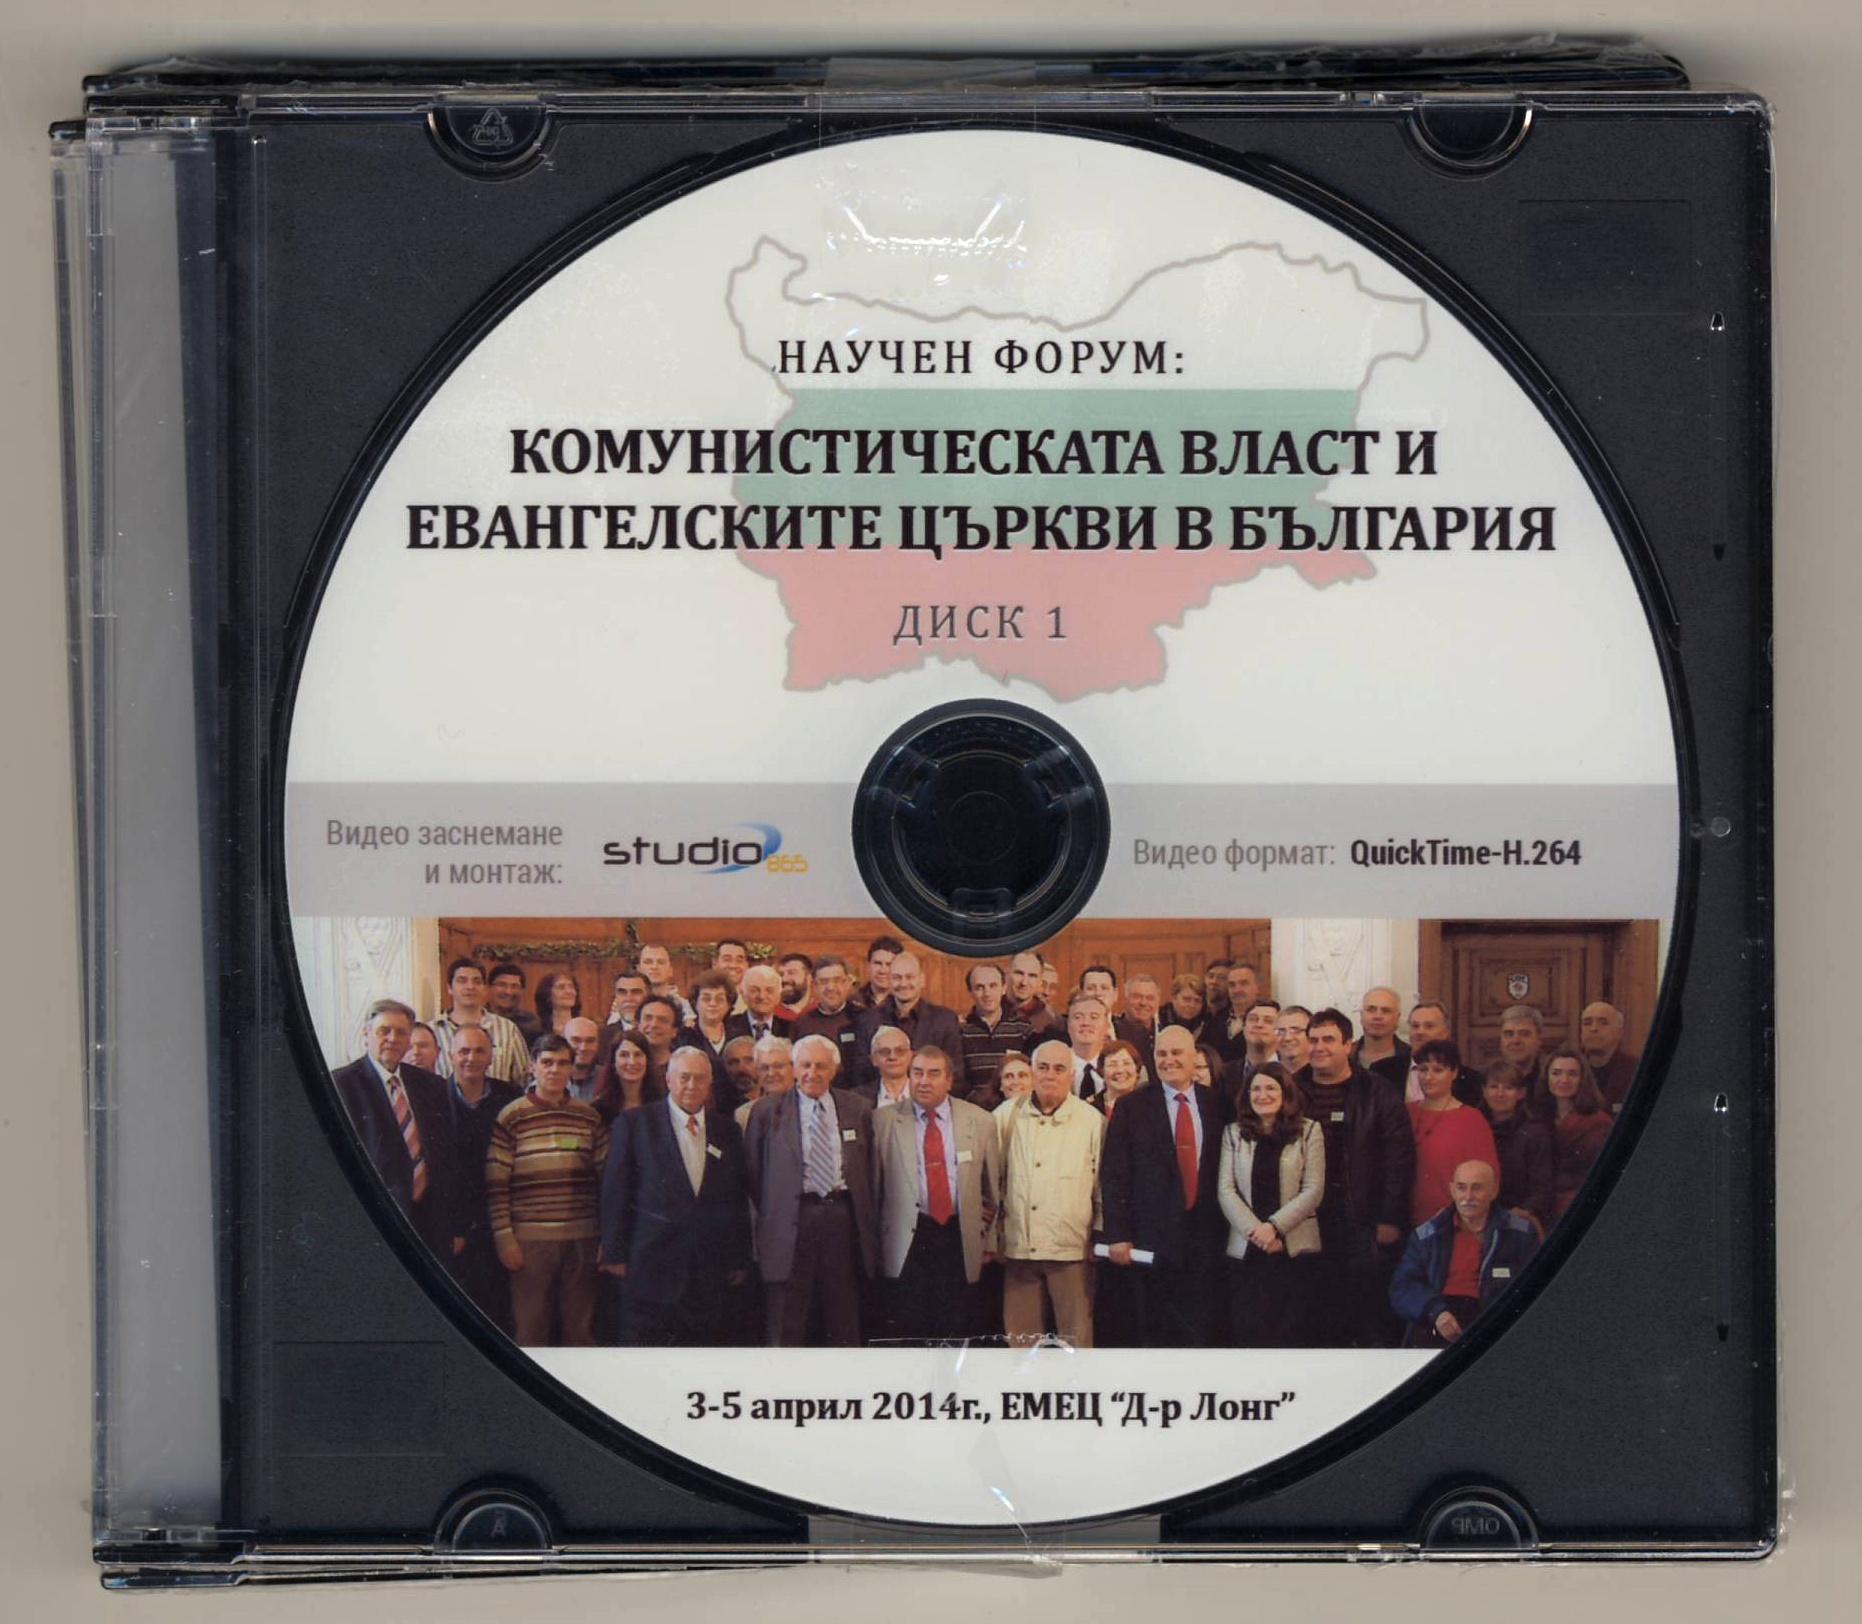 Комунистическата власт и евангелските църкви в България